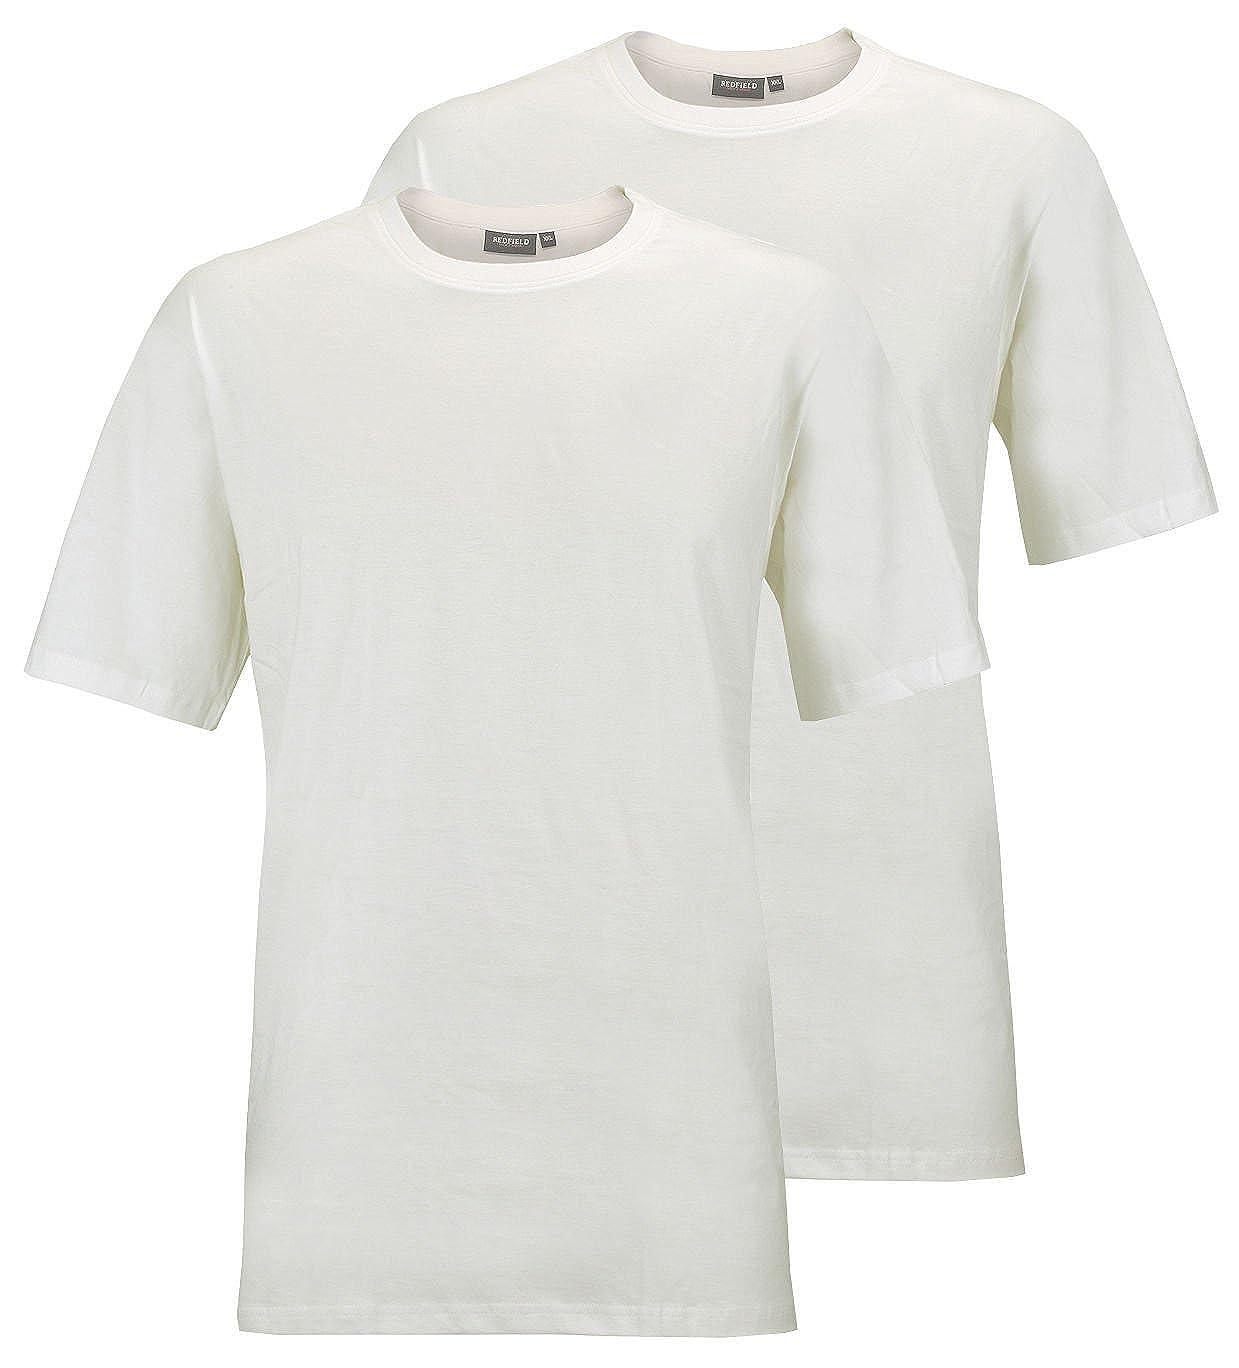 Redfield Lot de 2 T-shirts col rond  Amazon.fr  Vêtements et accessoires 3e3034078294